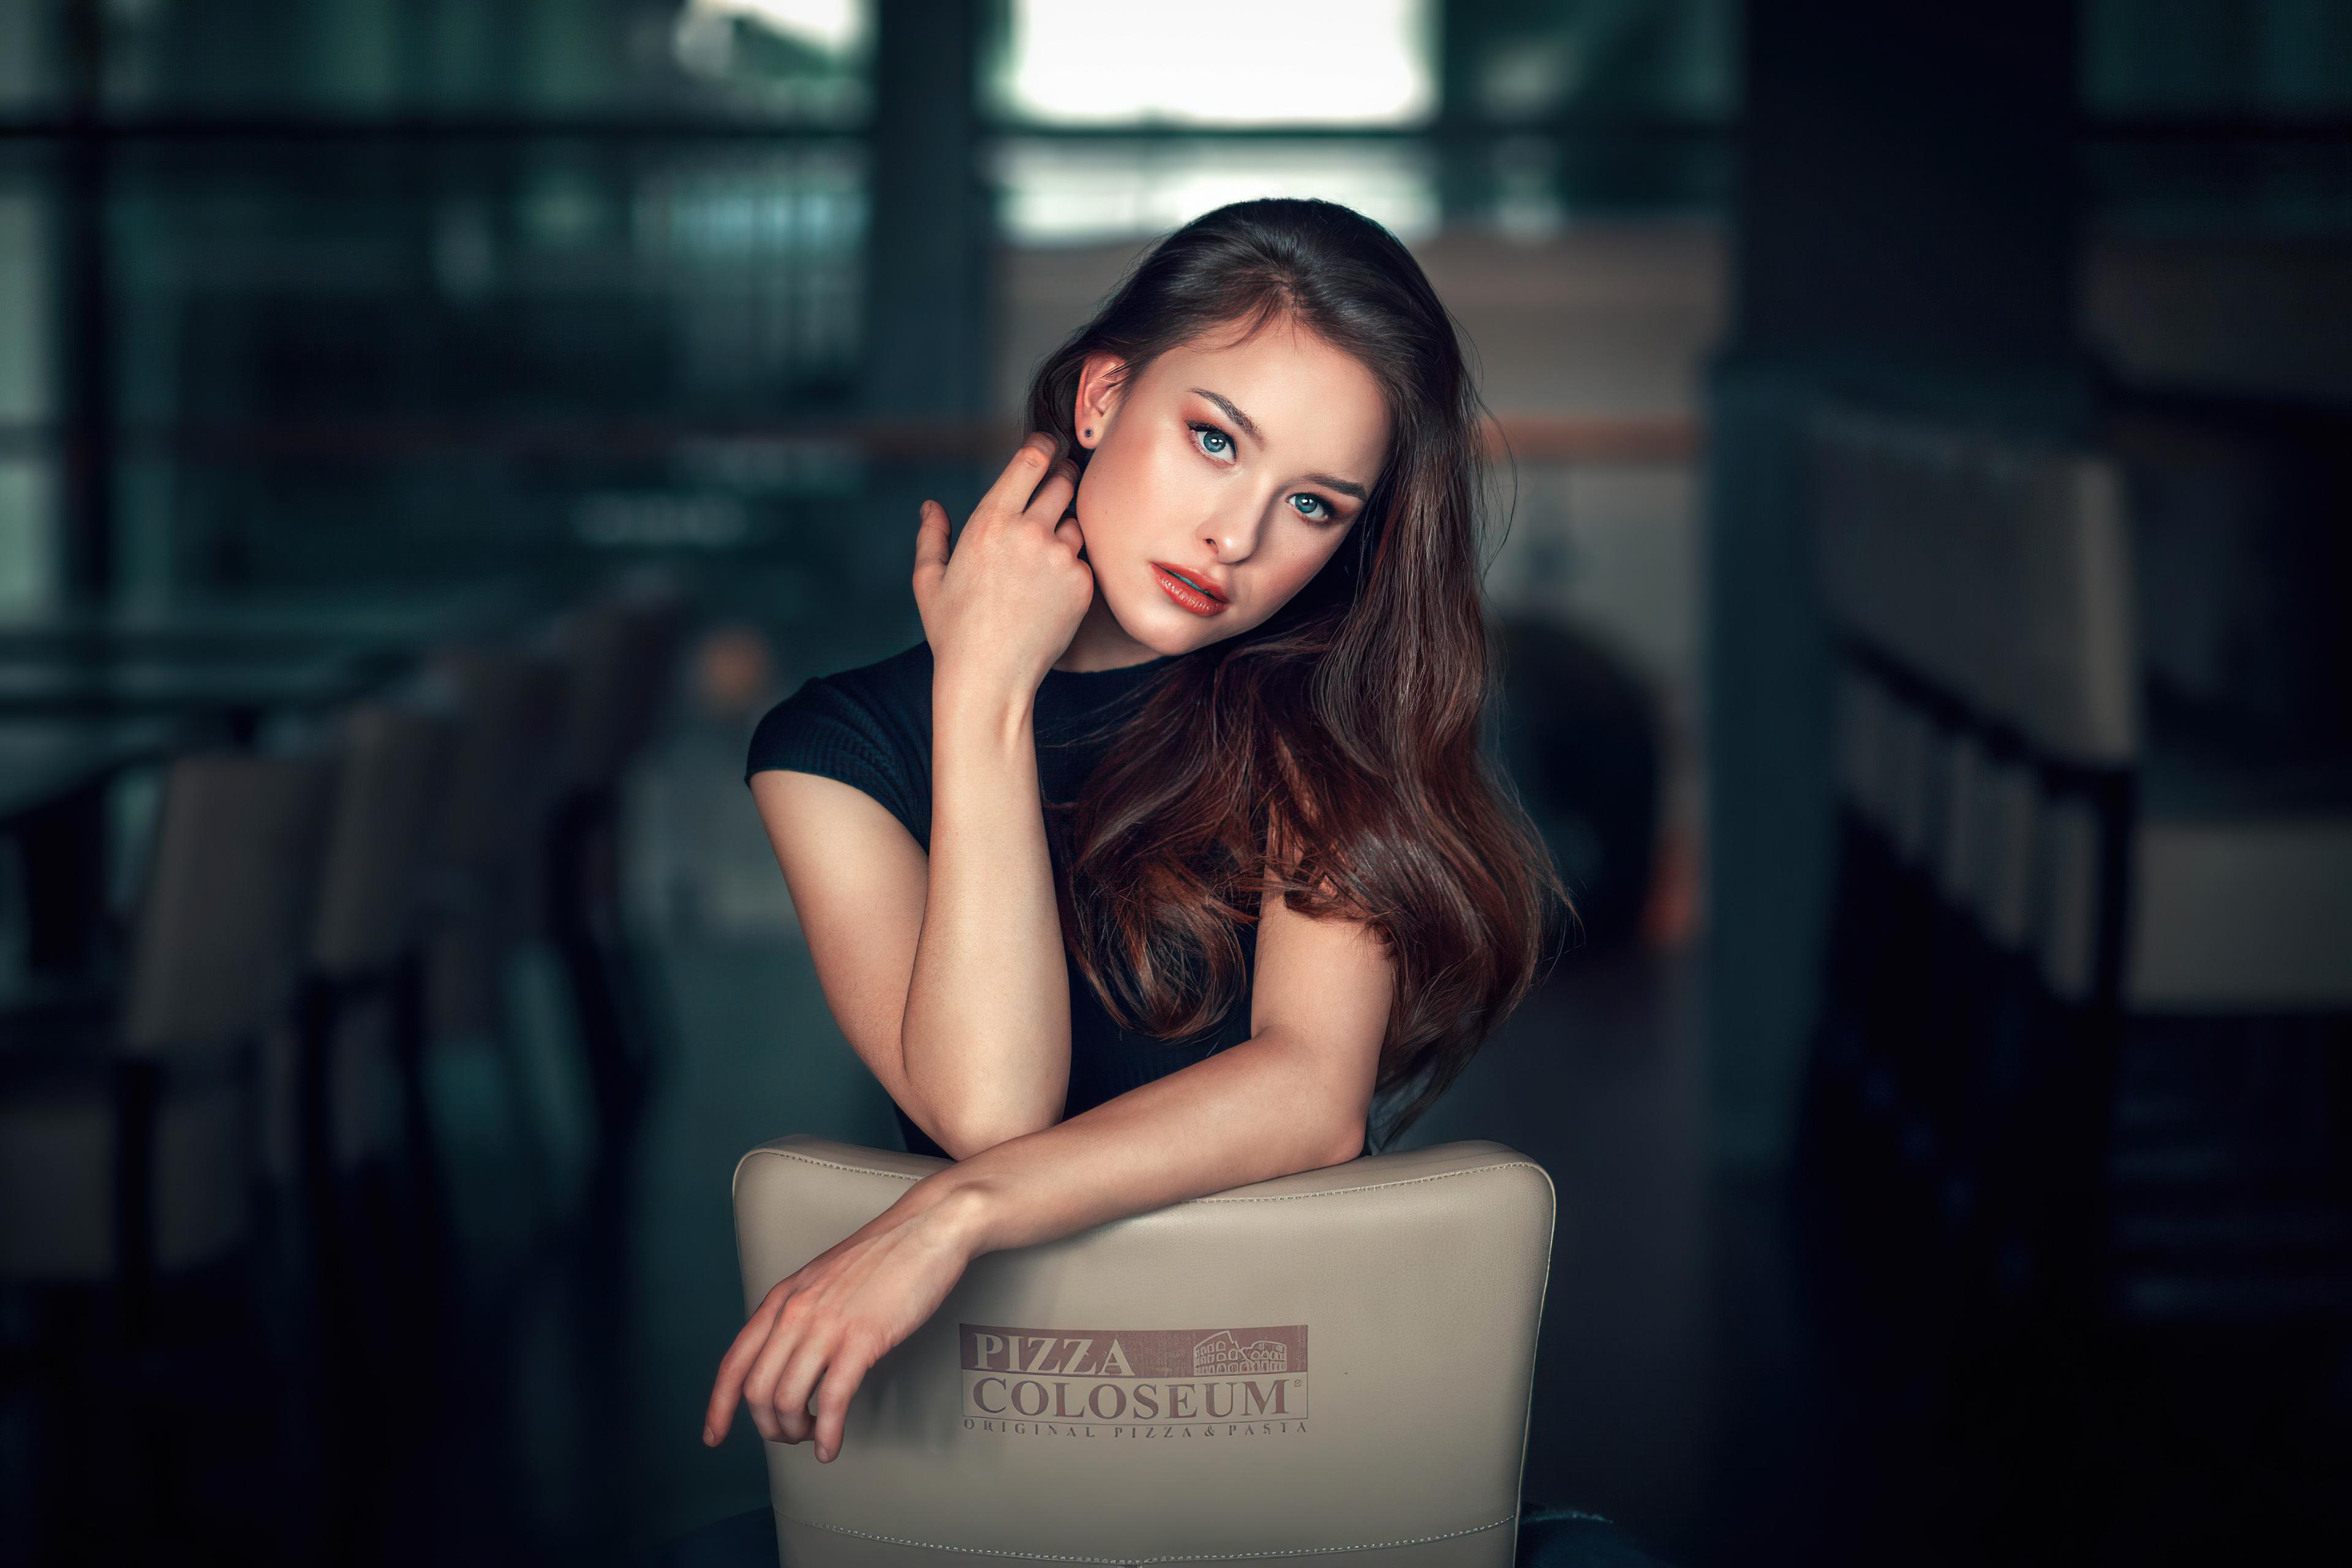 Фотография брюнетки Размытый фон девушка рука Взгляд 3840x2560 Брюнетка брюнеток боке Девушки молодая женщина молодые женщины Руки смотрит смотрят